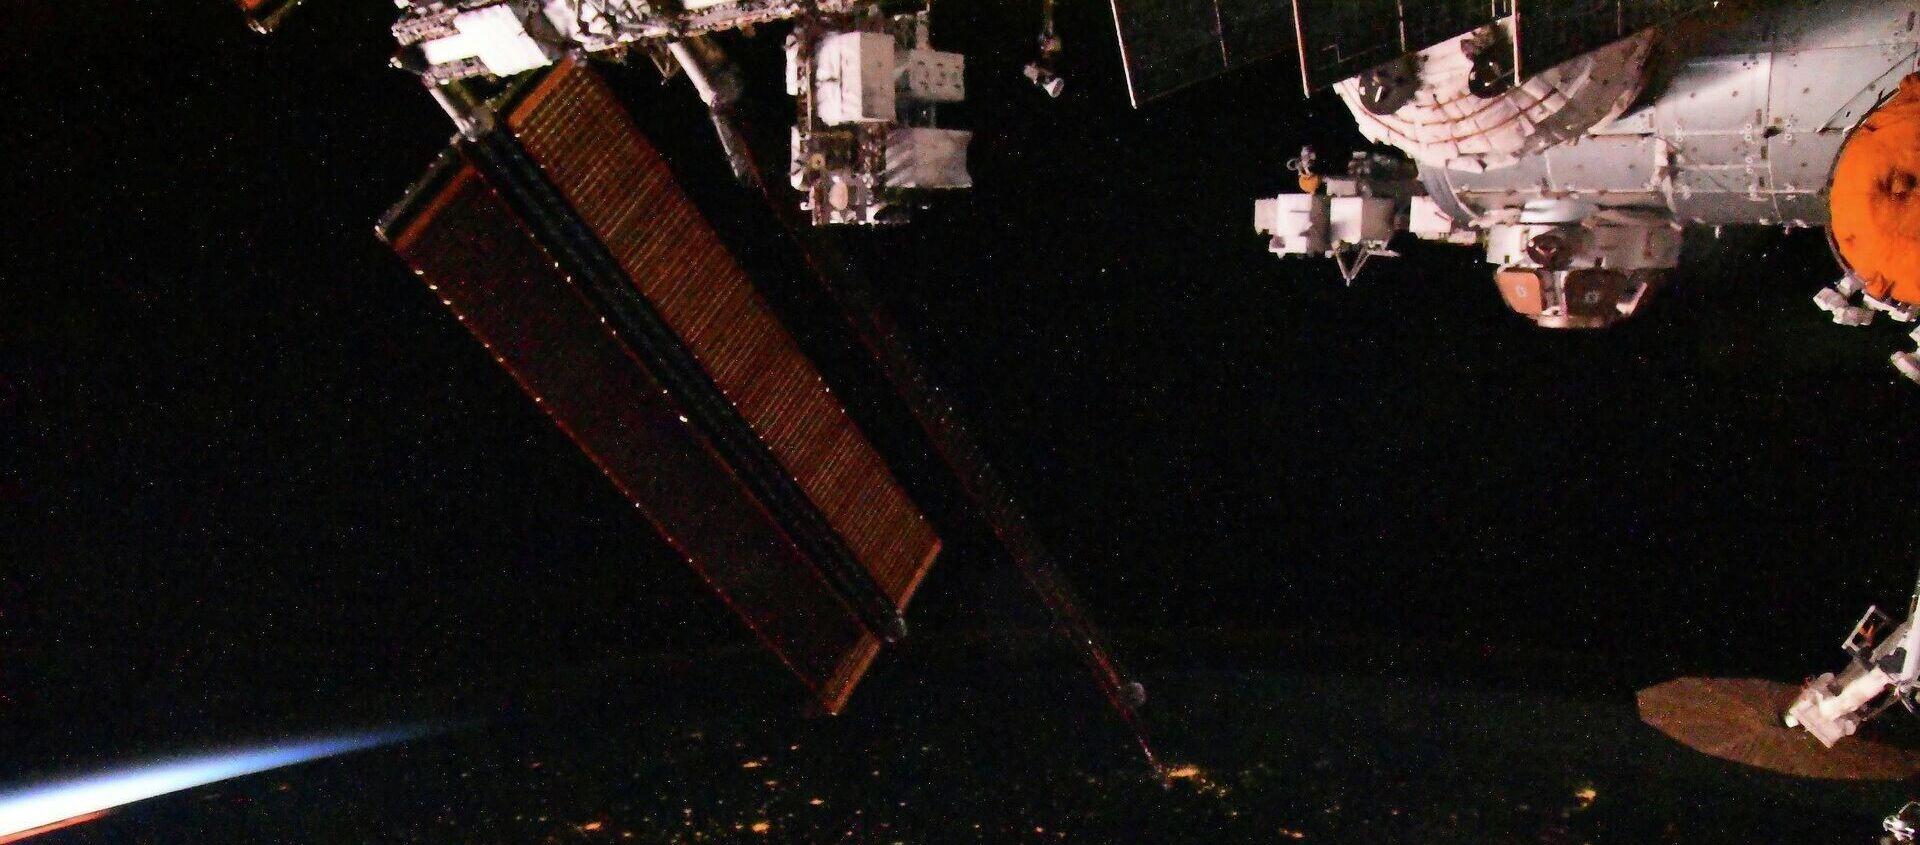 Космические сумерки с борта Международной космической станции - Sputnik Грузия, 1920, 26.11.2020